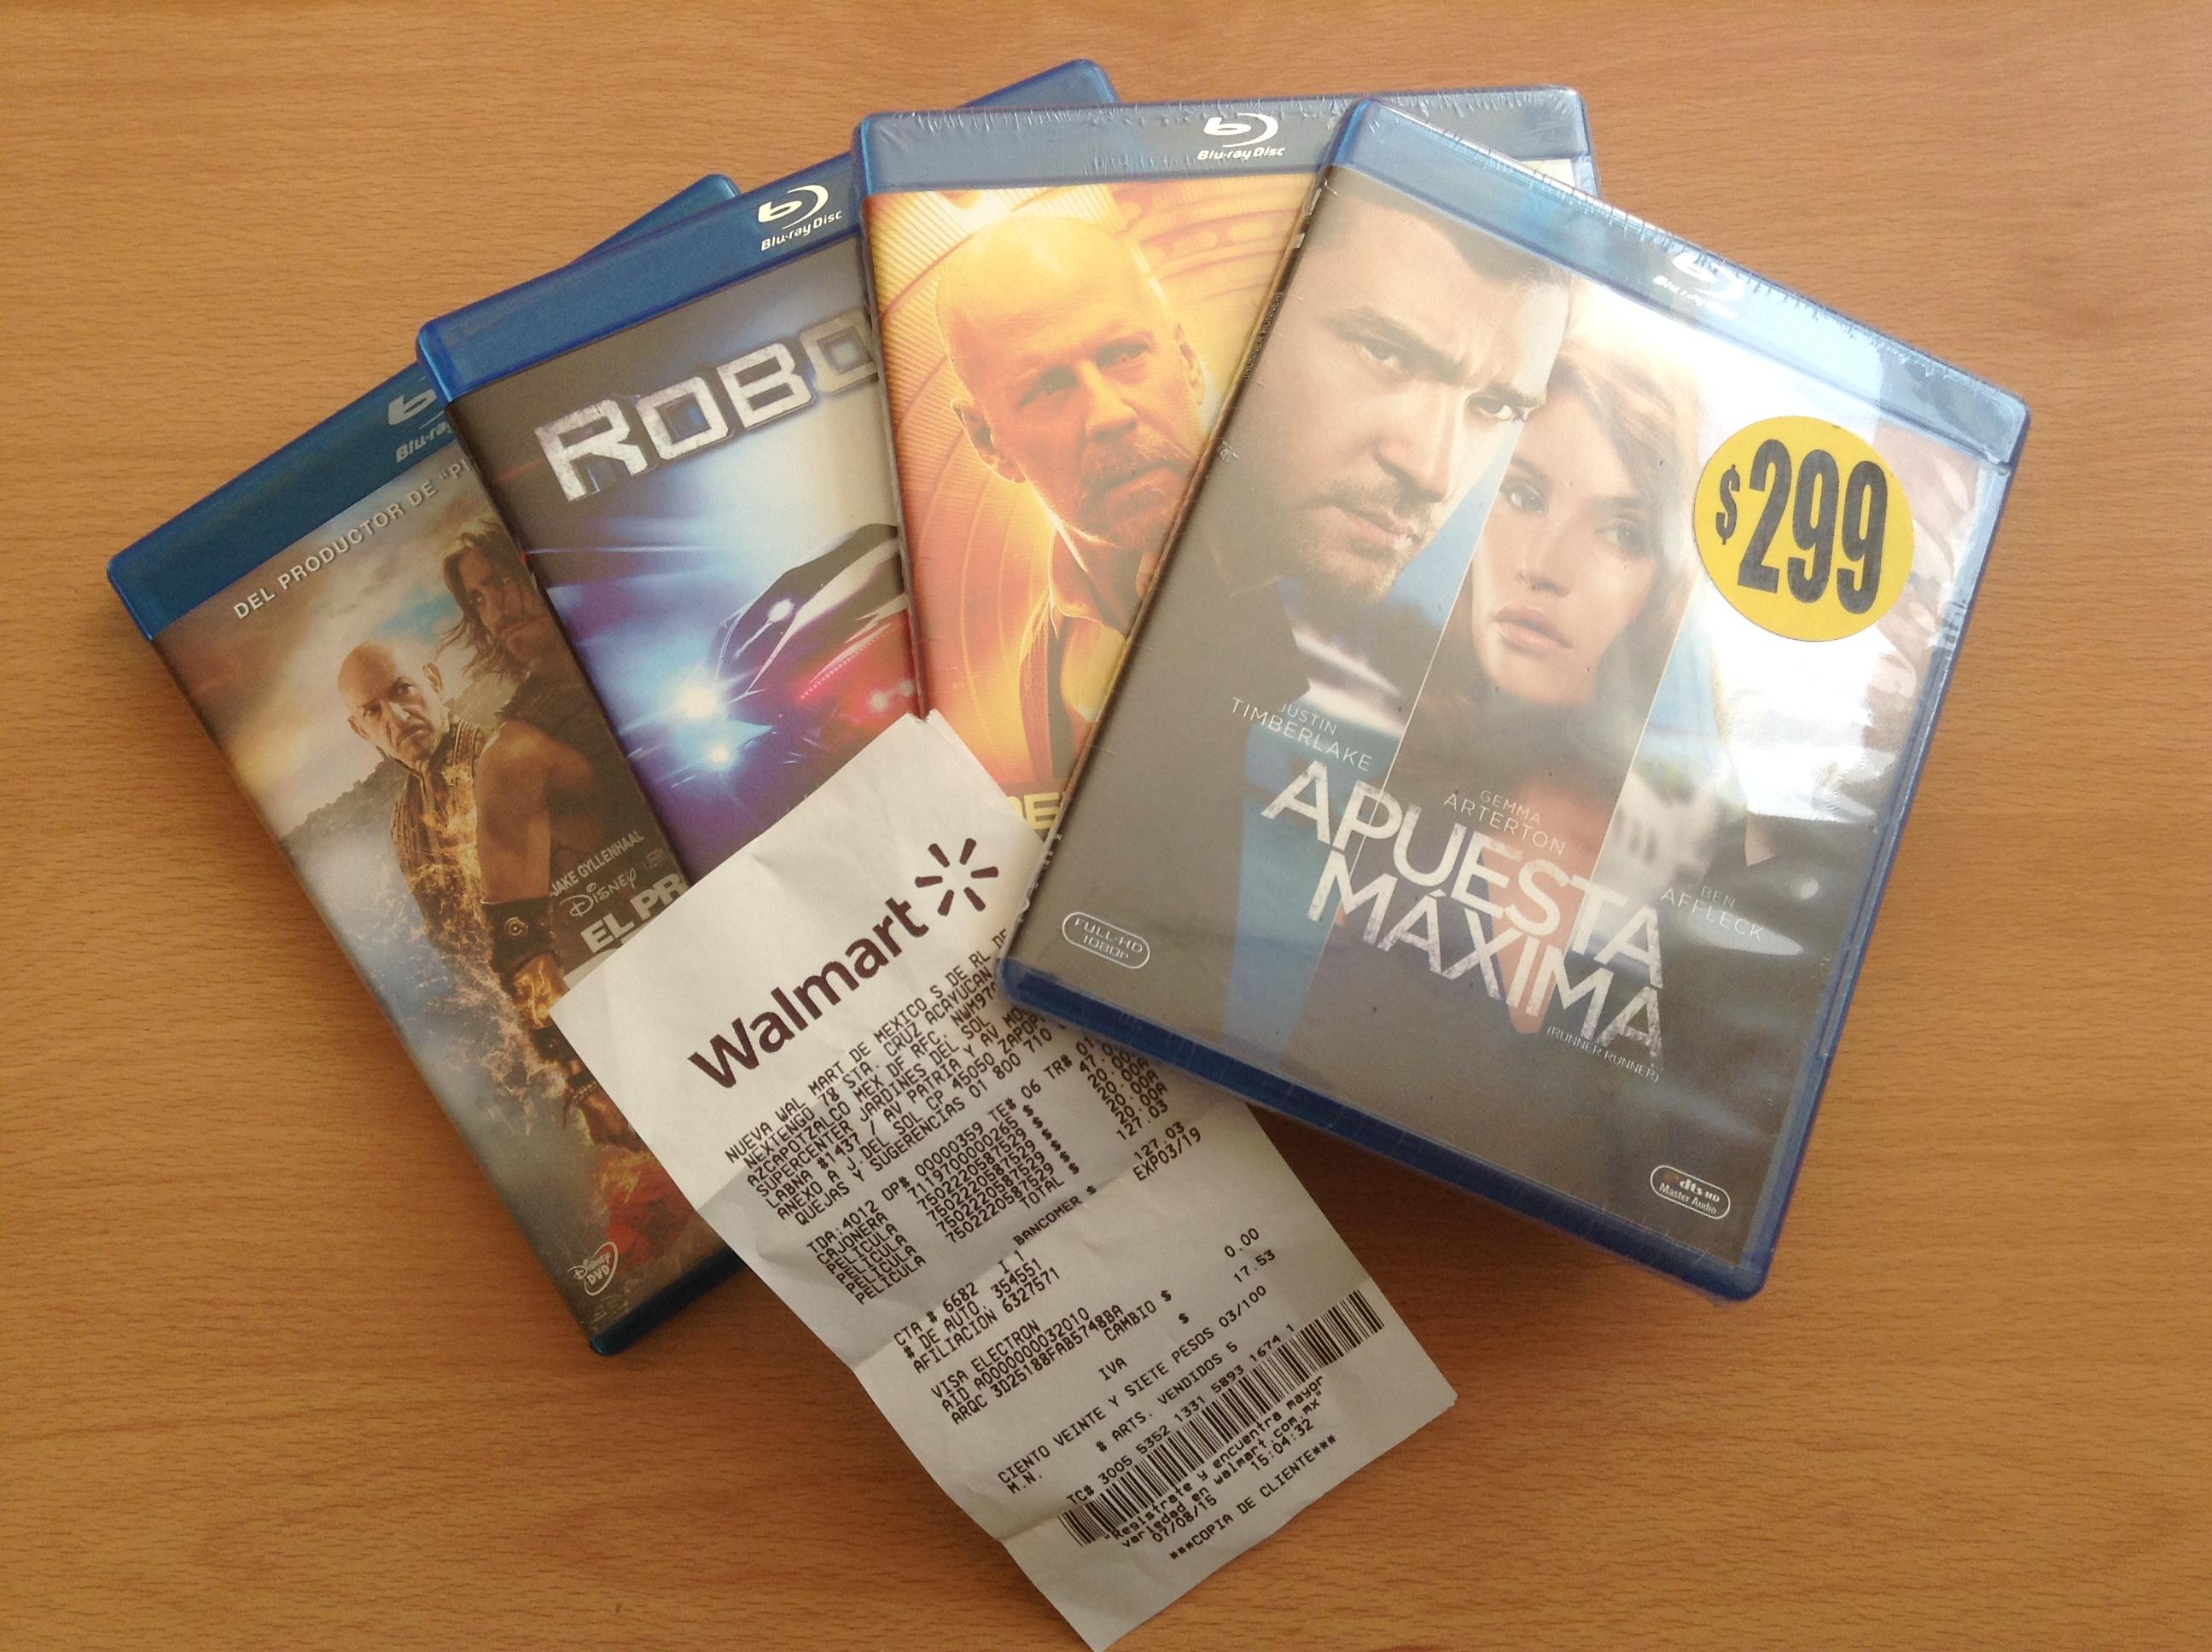 Walmart: Peliculas Blu-ray en $20